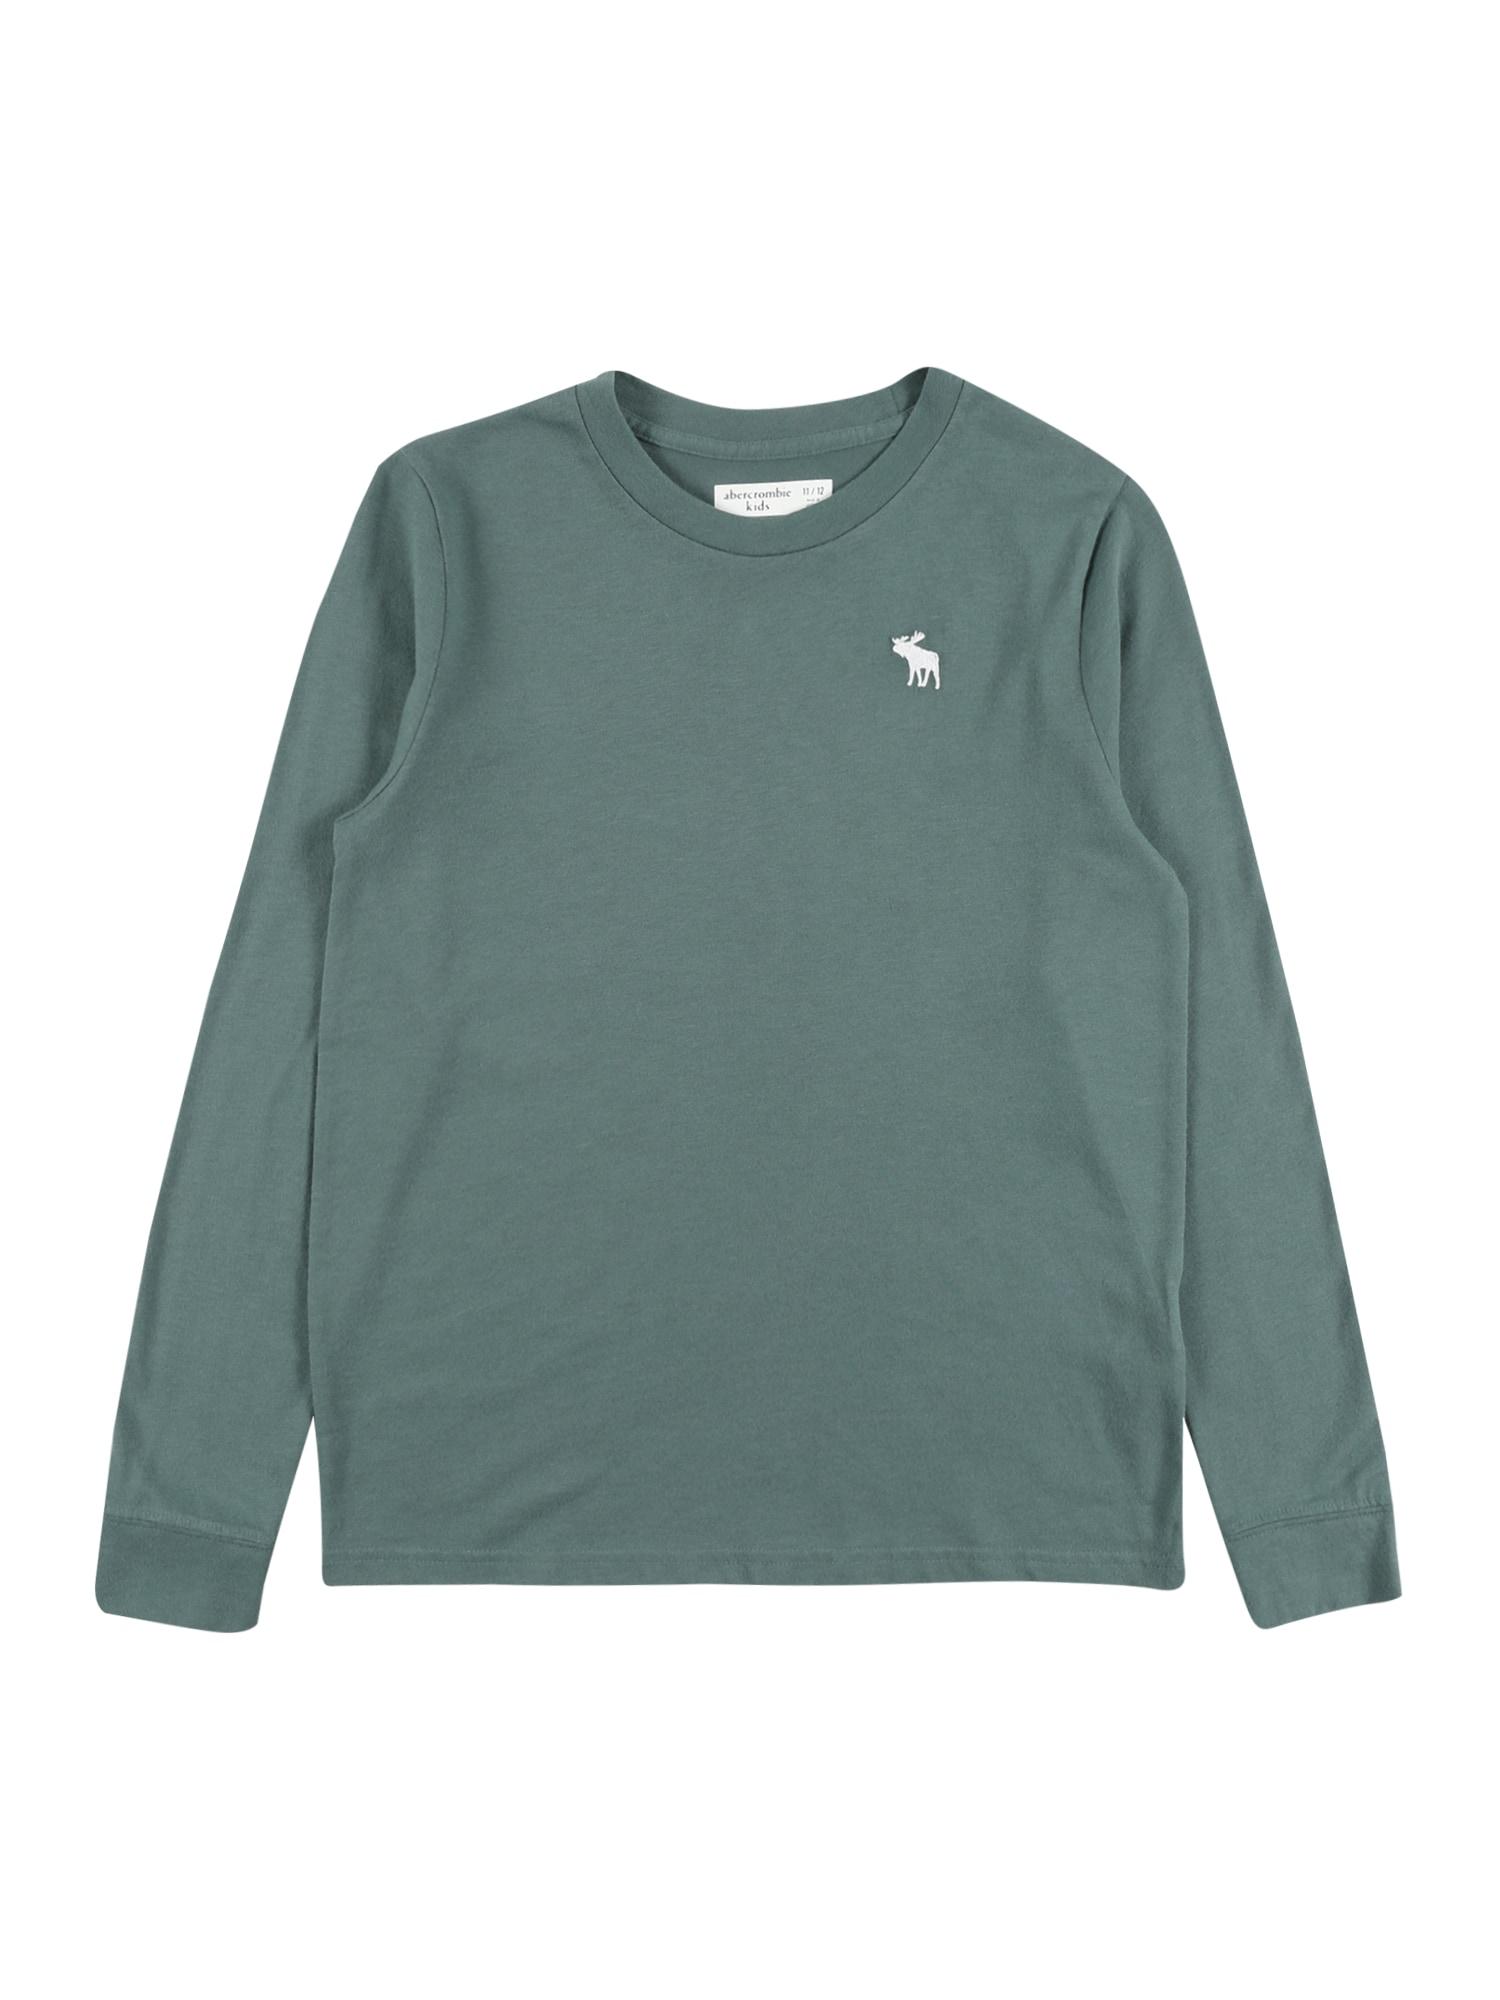 Abercrombie & Fitch Marškinėliai smaragdinė spalva / balta